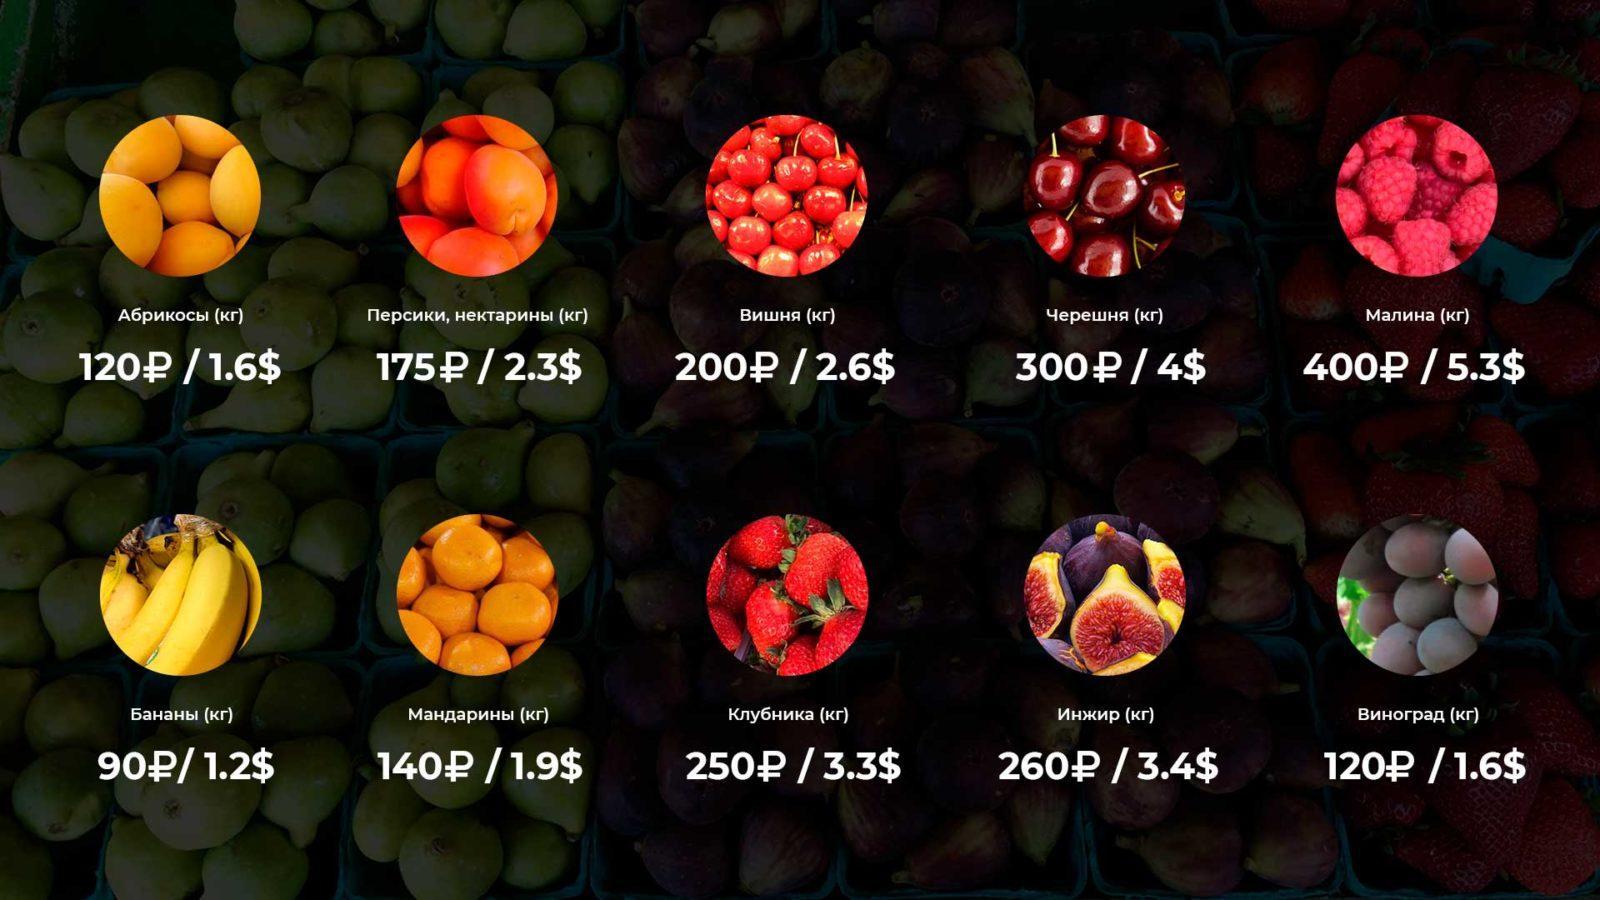 Цены на фрукты в Крыму